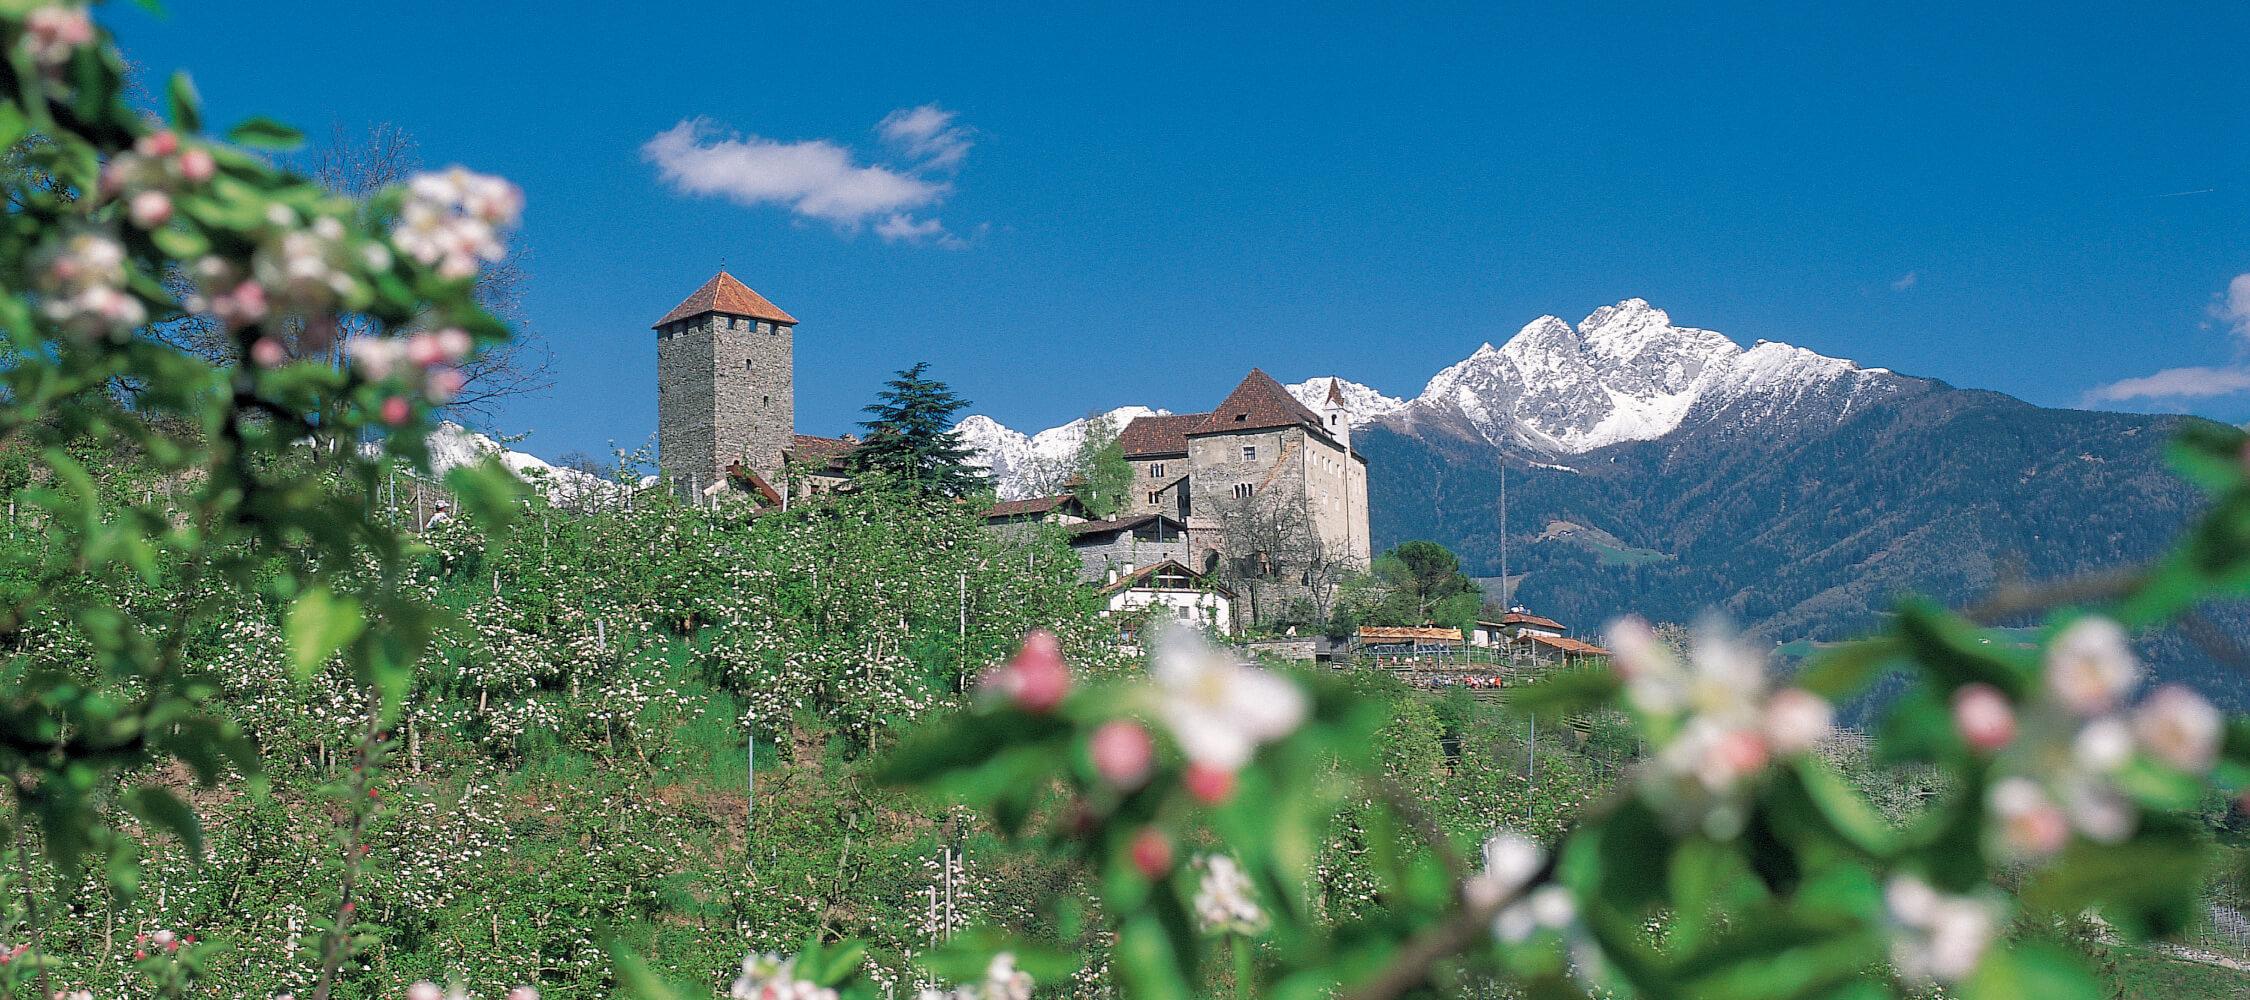 Italien-Trentino_Suedtirol_Alto_Adige_Merano_Meran_Natur_Fruehling_Apfelbluete_Schloss_Tirol_IDM-Helmuth-Rier_smg00835heri_2250x1000